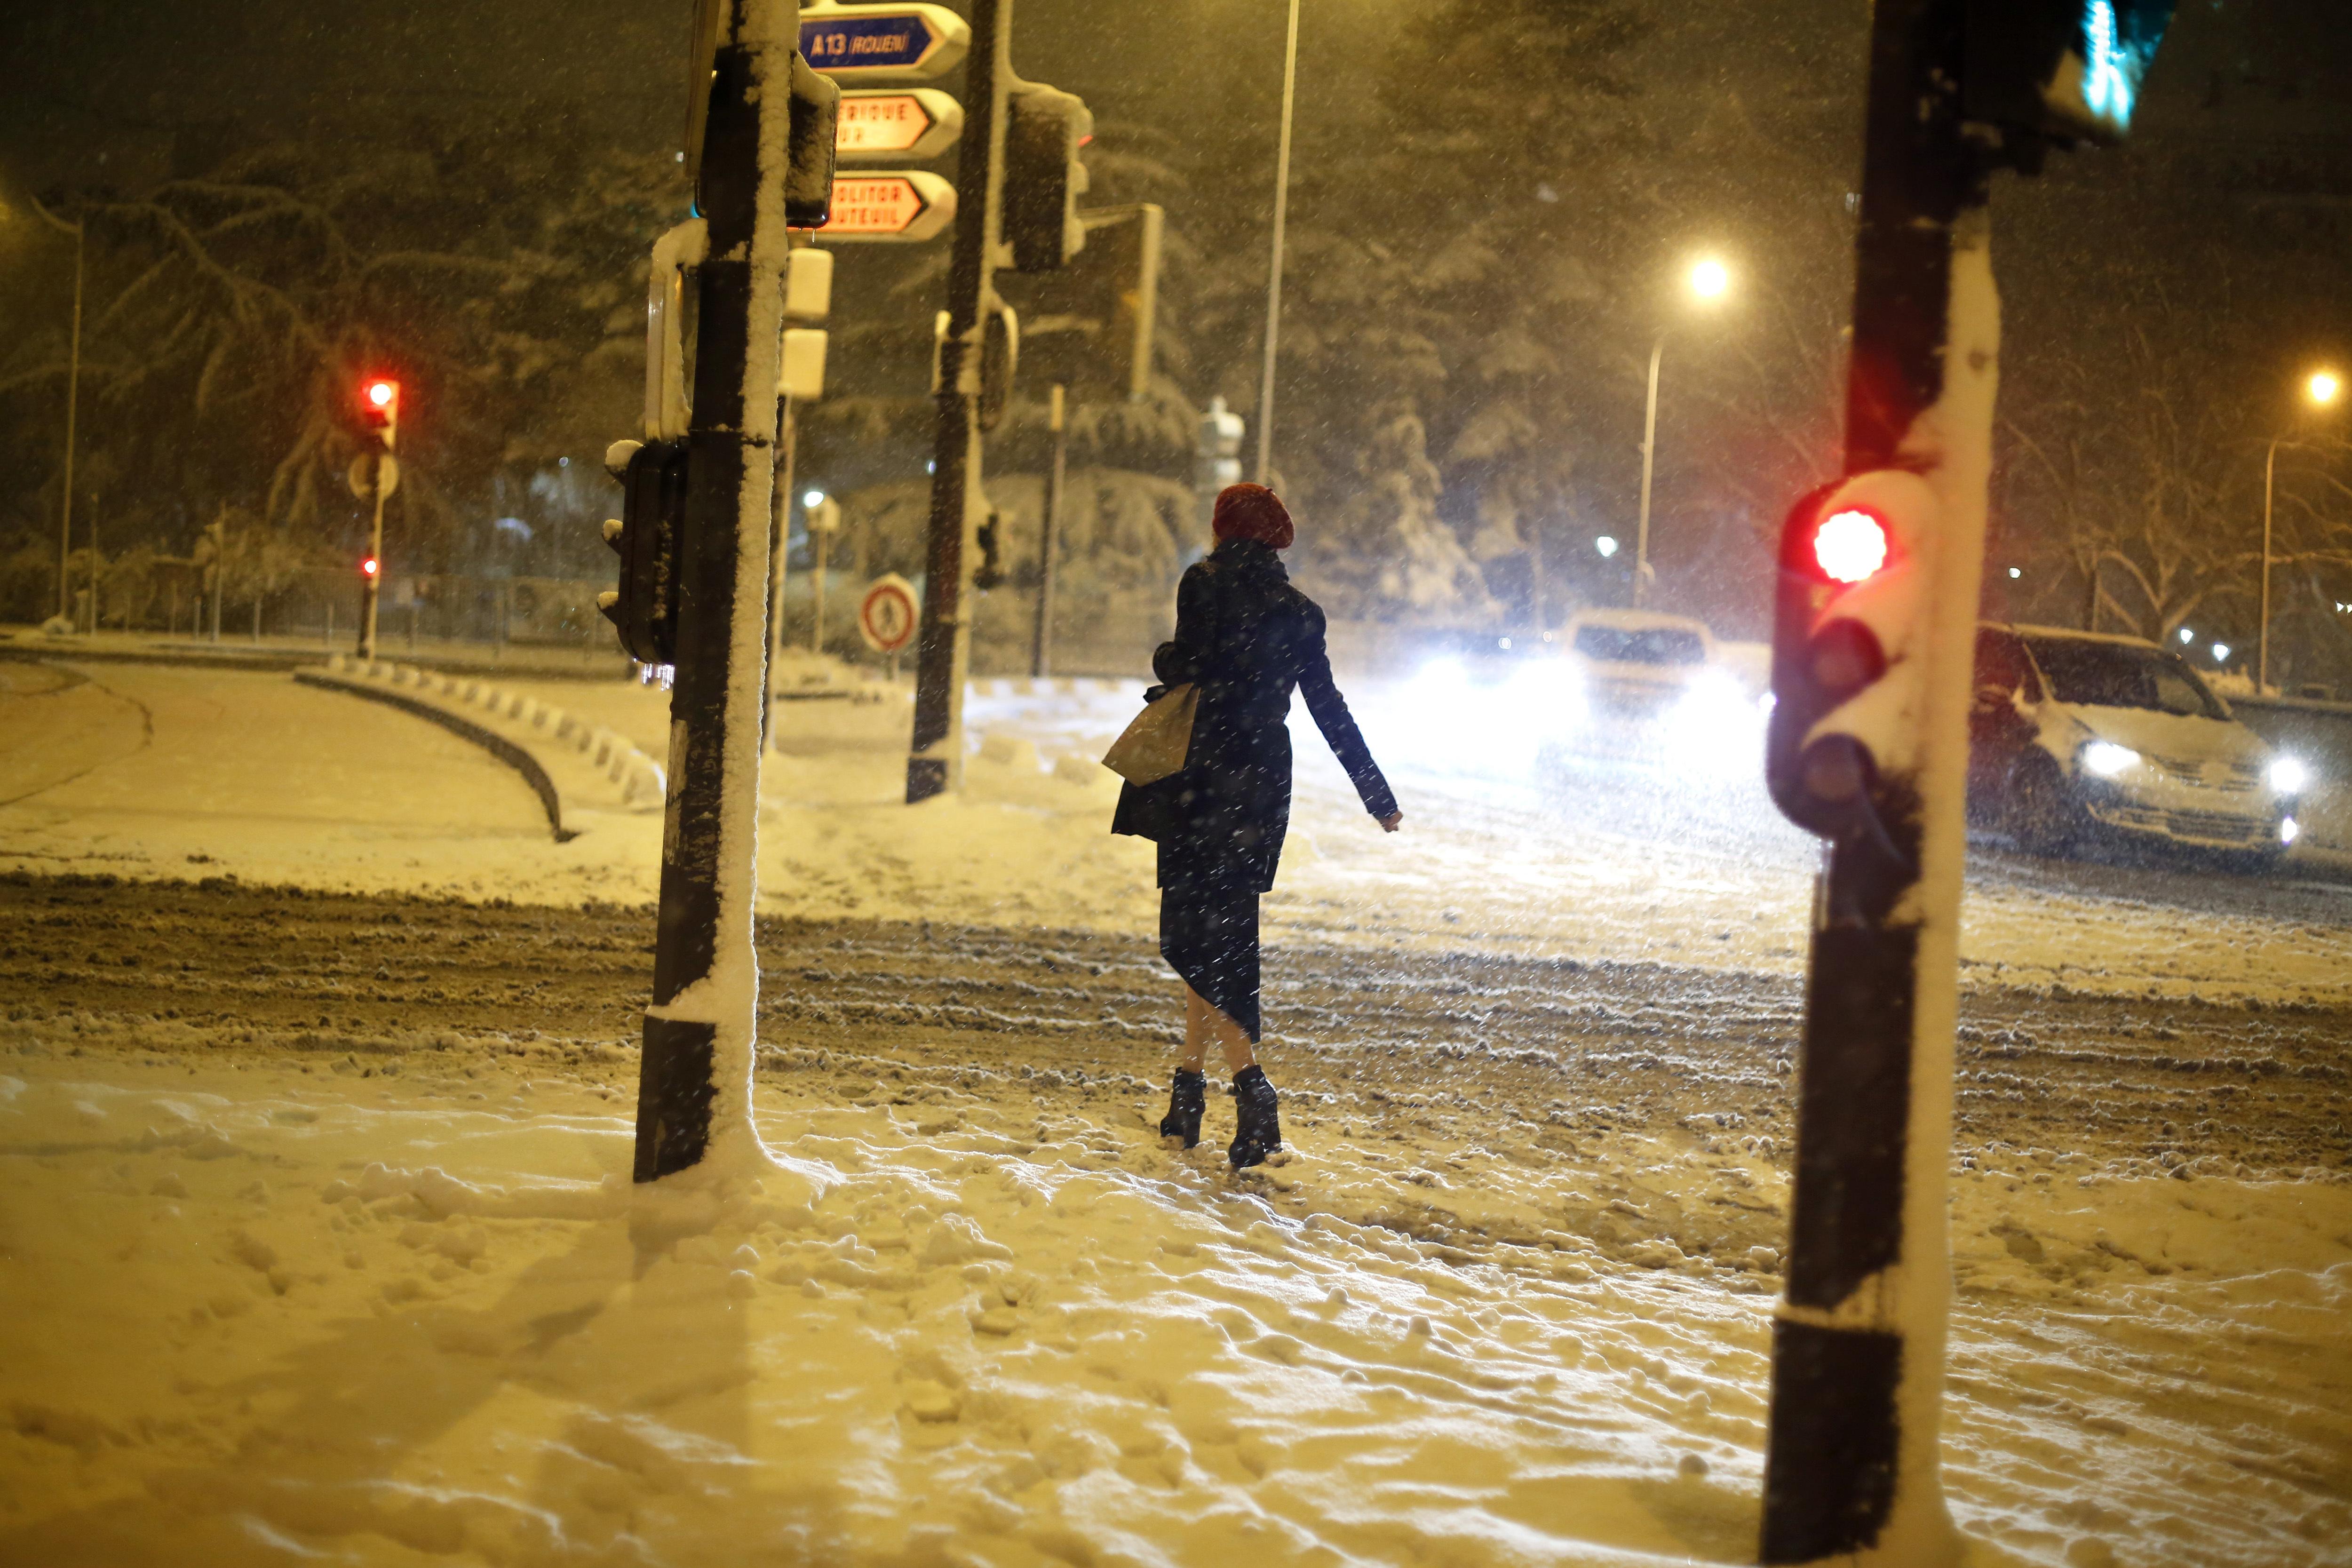 Una mujer camina en la nieve en París (AP/Thibault Camus)